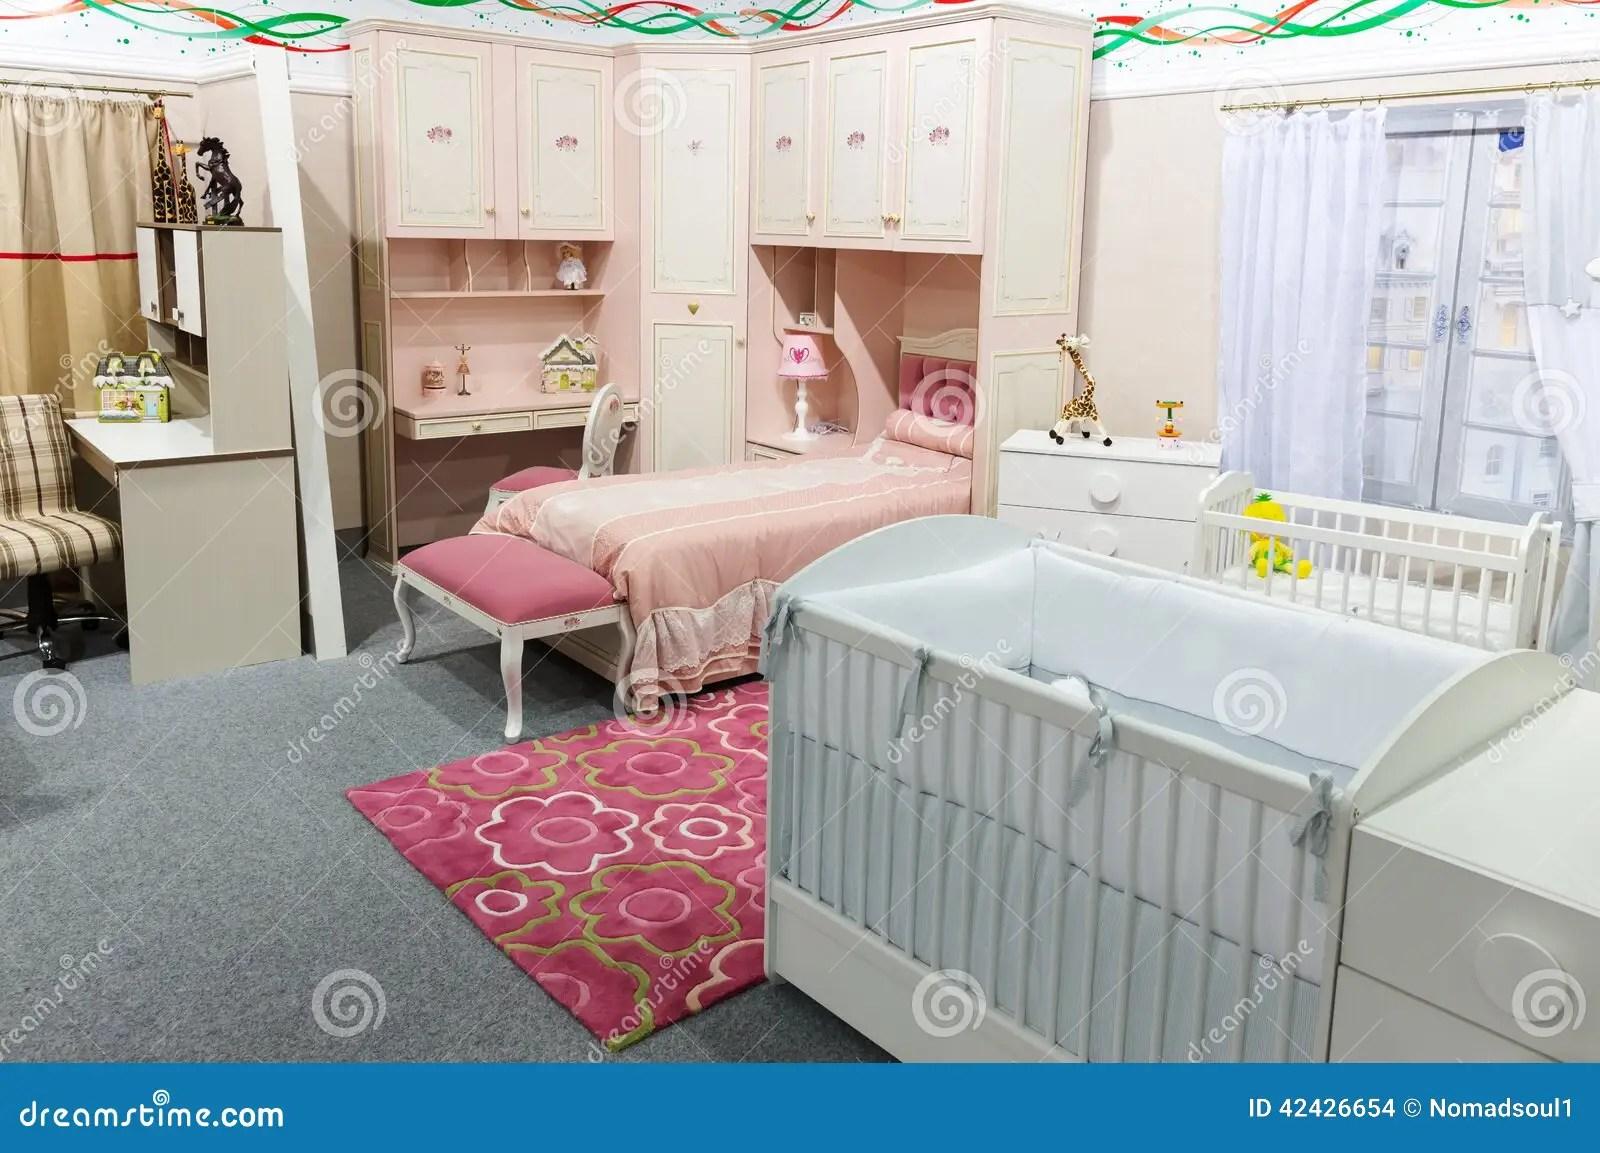 Pastell Farben Furs Schlafzimmer Wandfarbe Fur Schlafzimmer Ideen